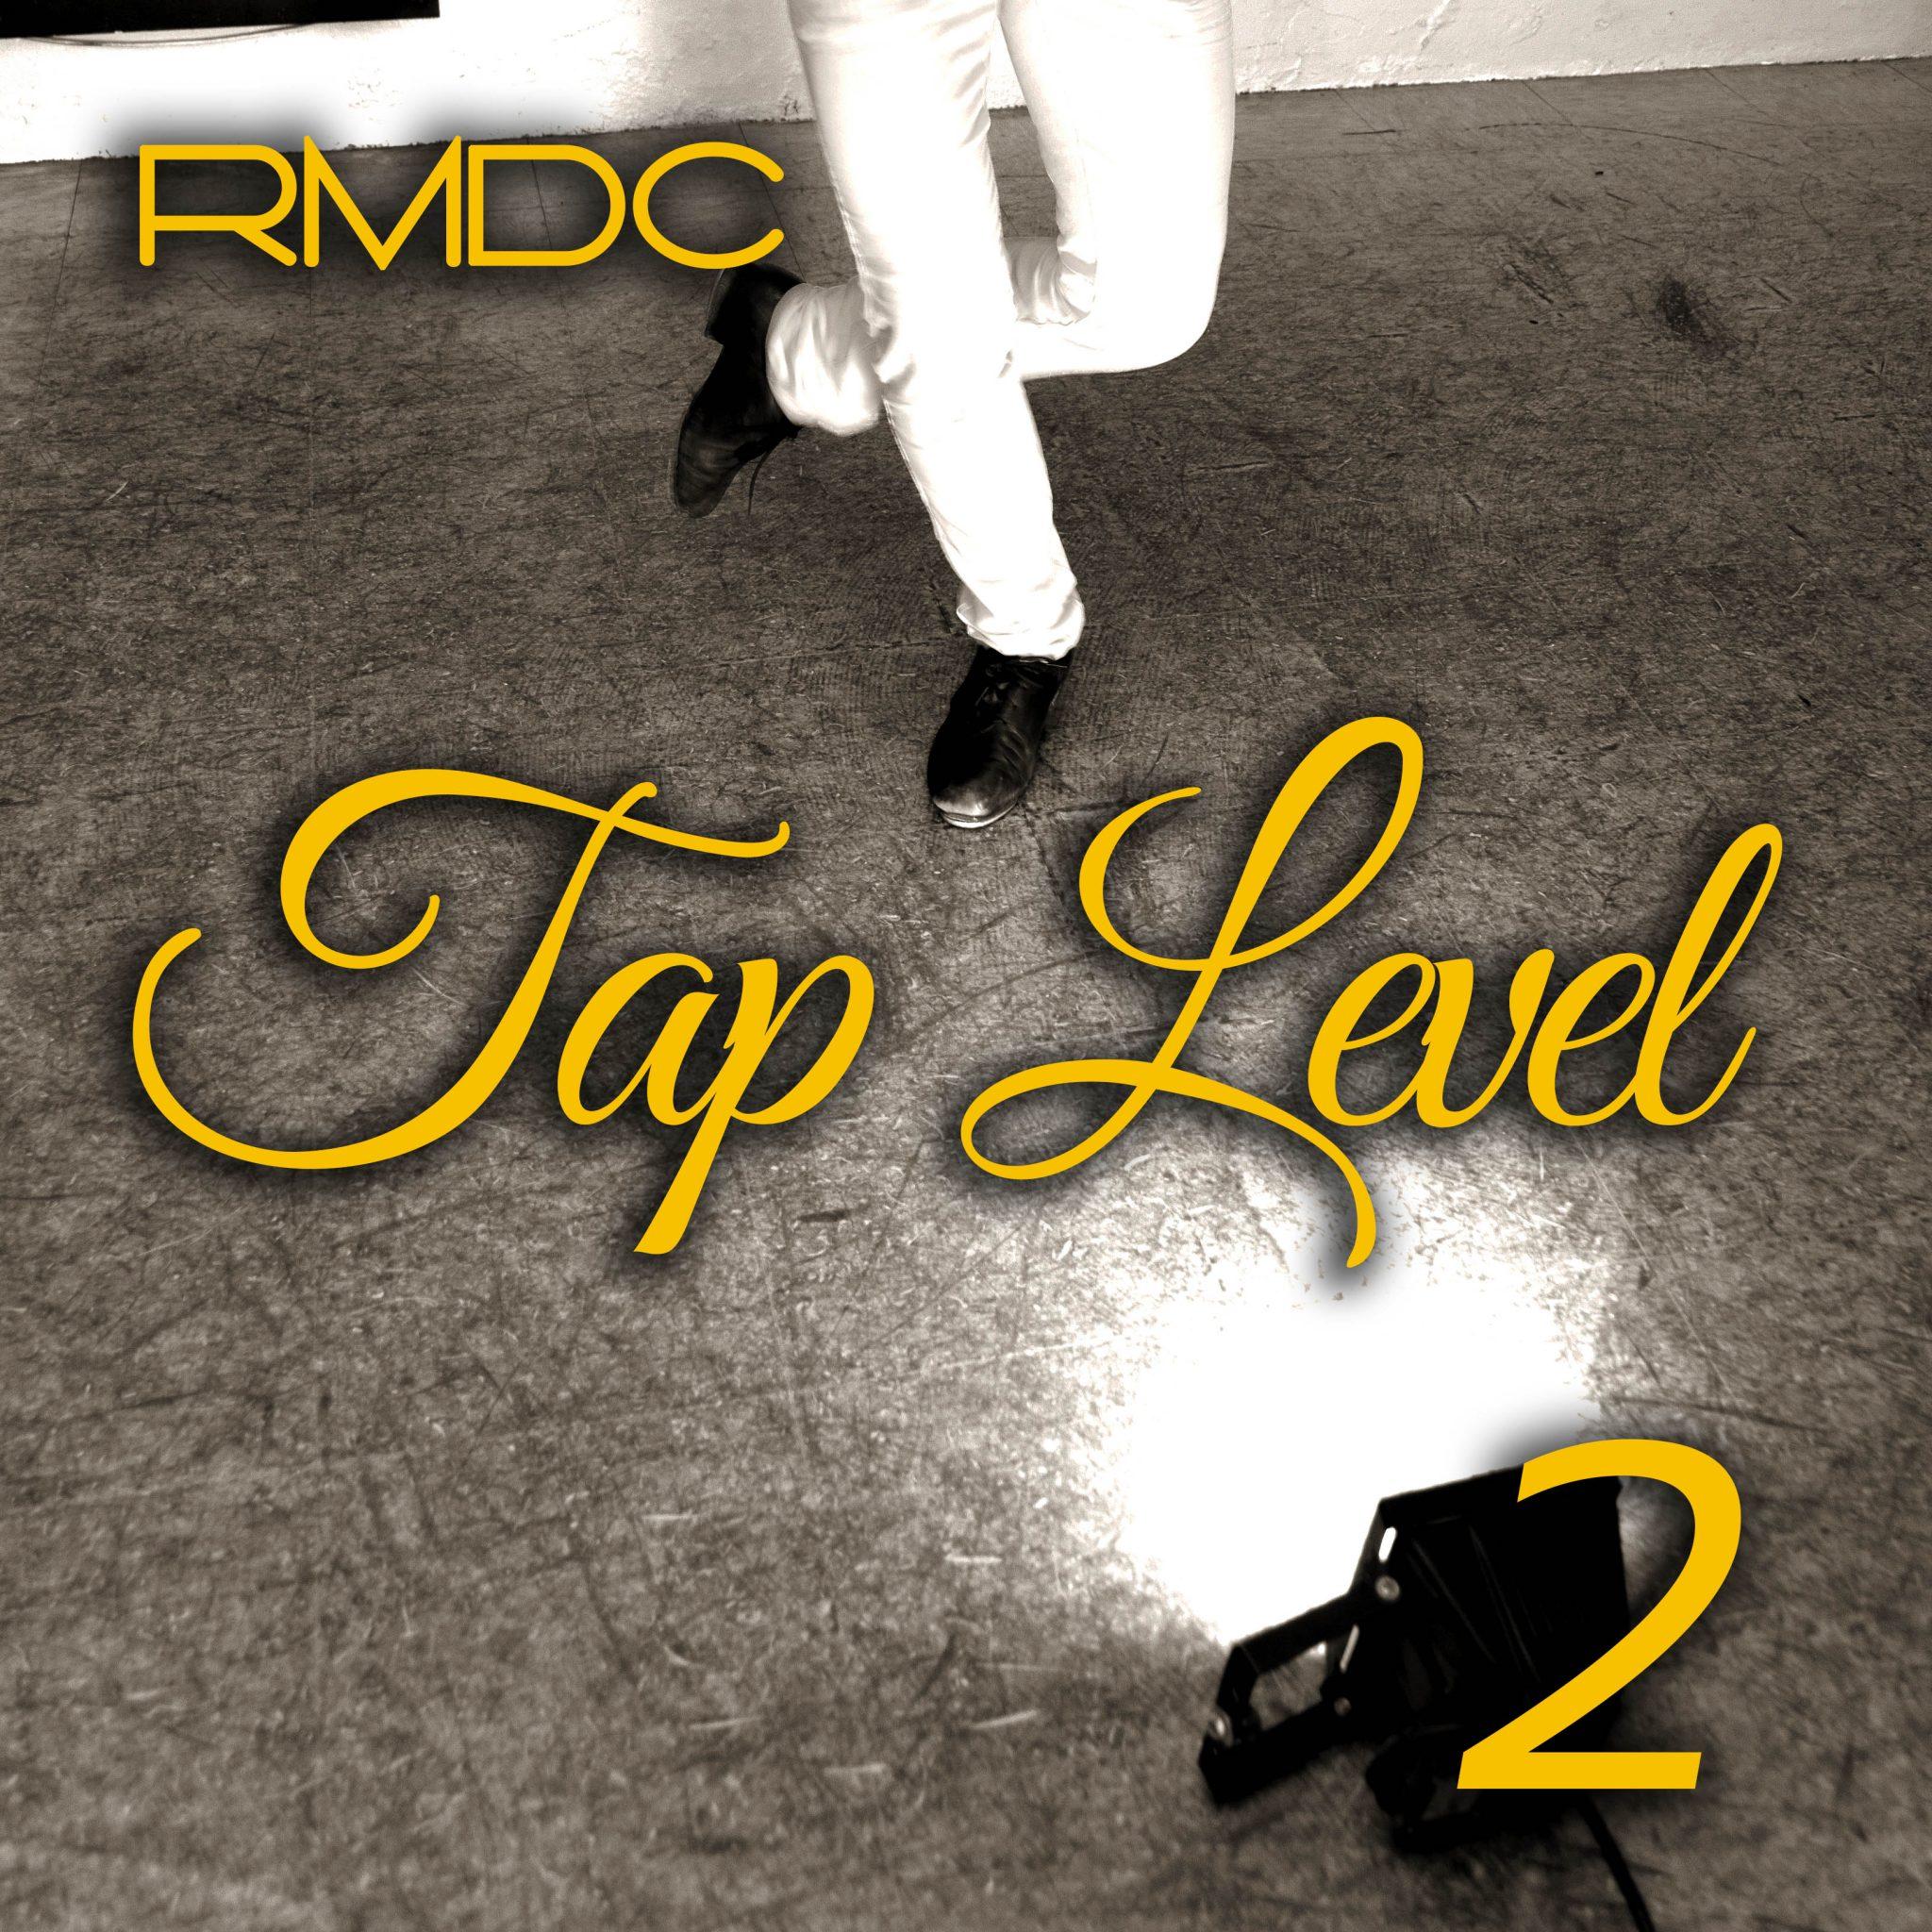 RMDC Tap Level 2